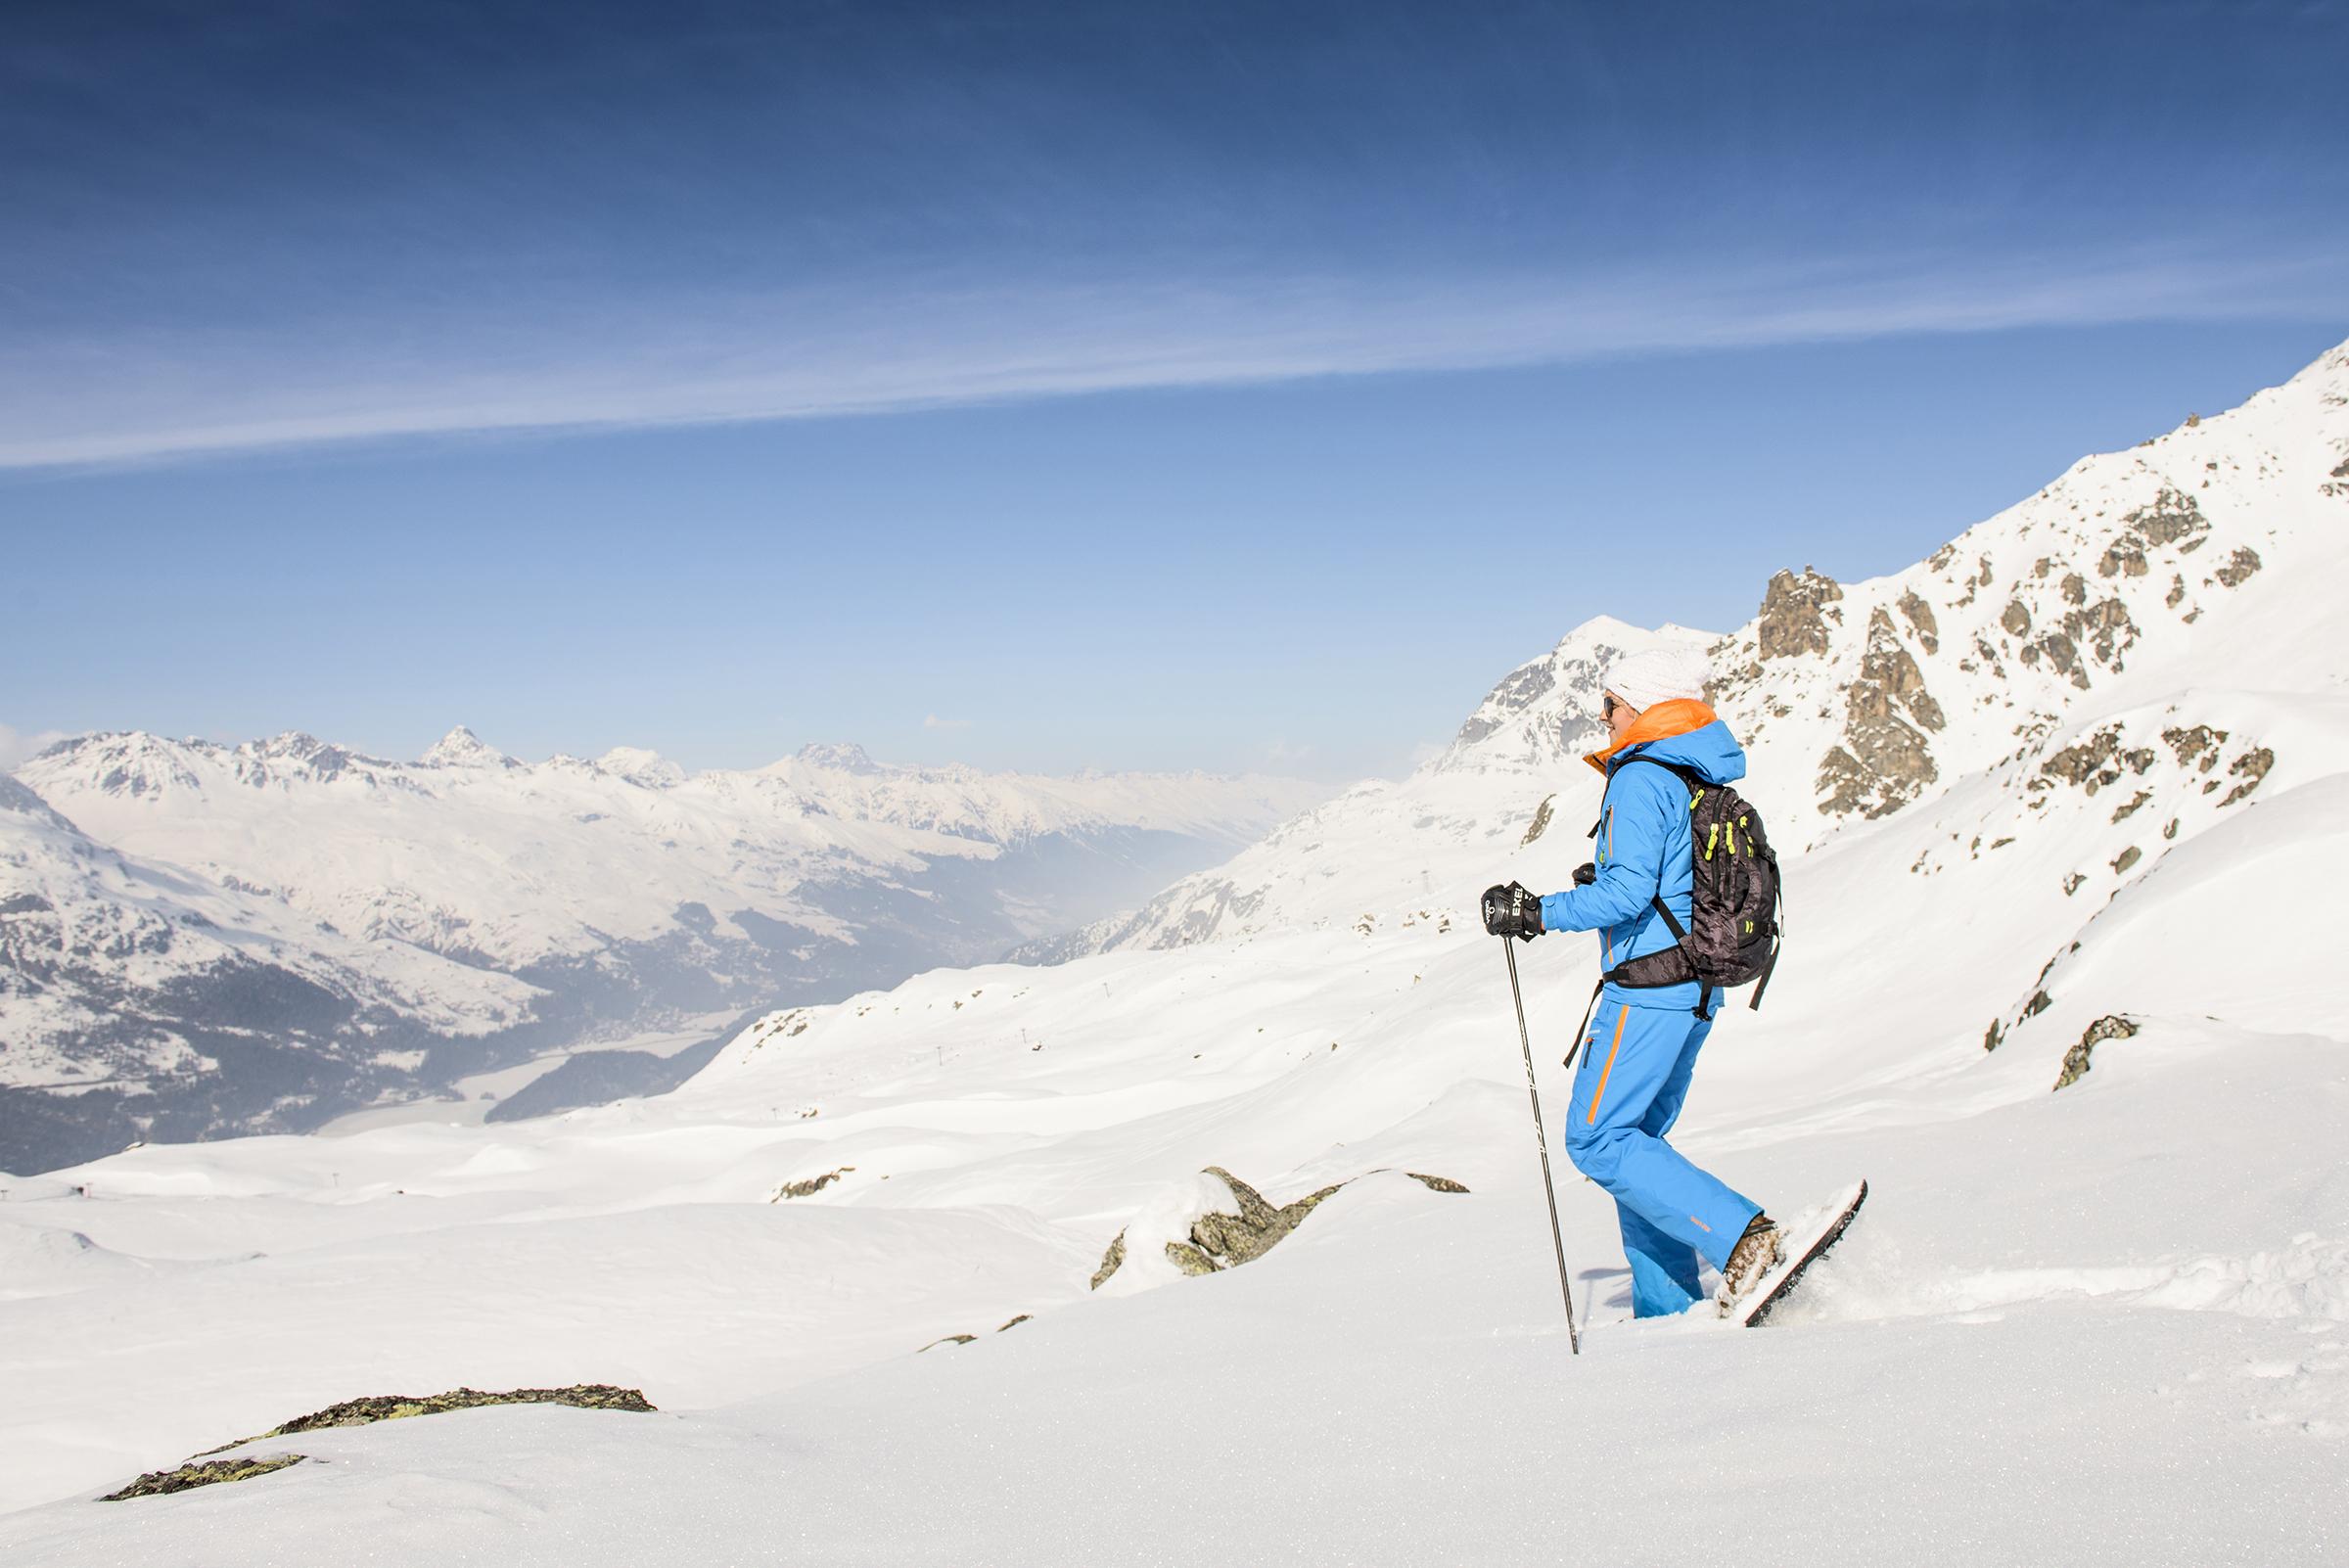 Schneeschuhwanderung Furtschellas - Lake Trail